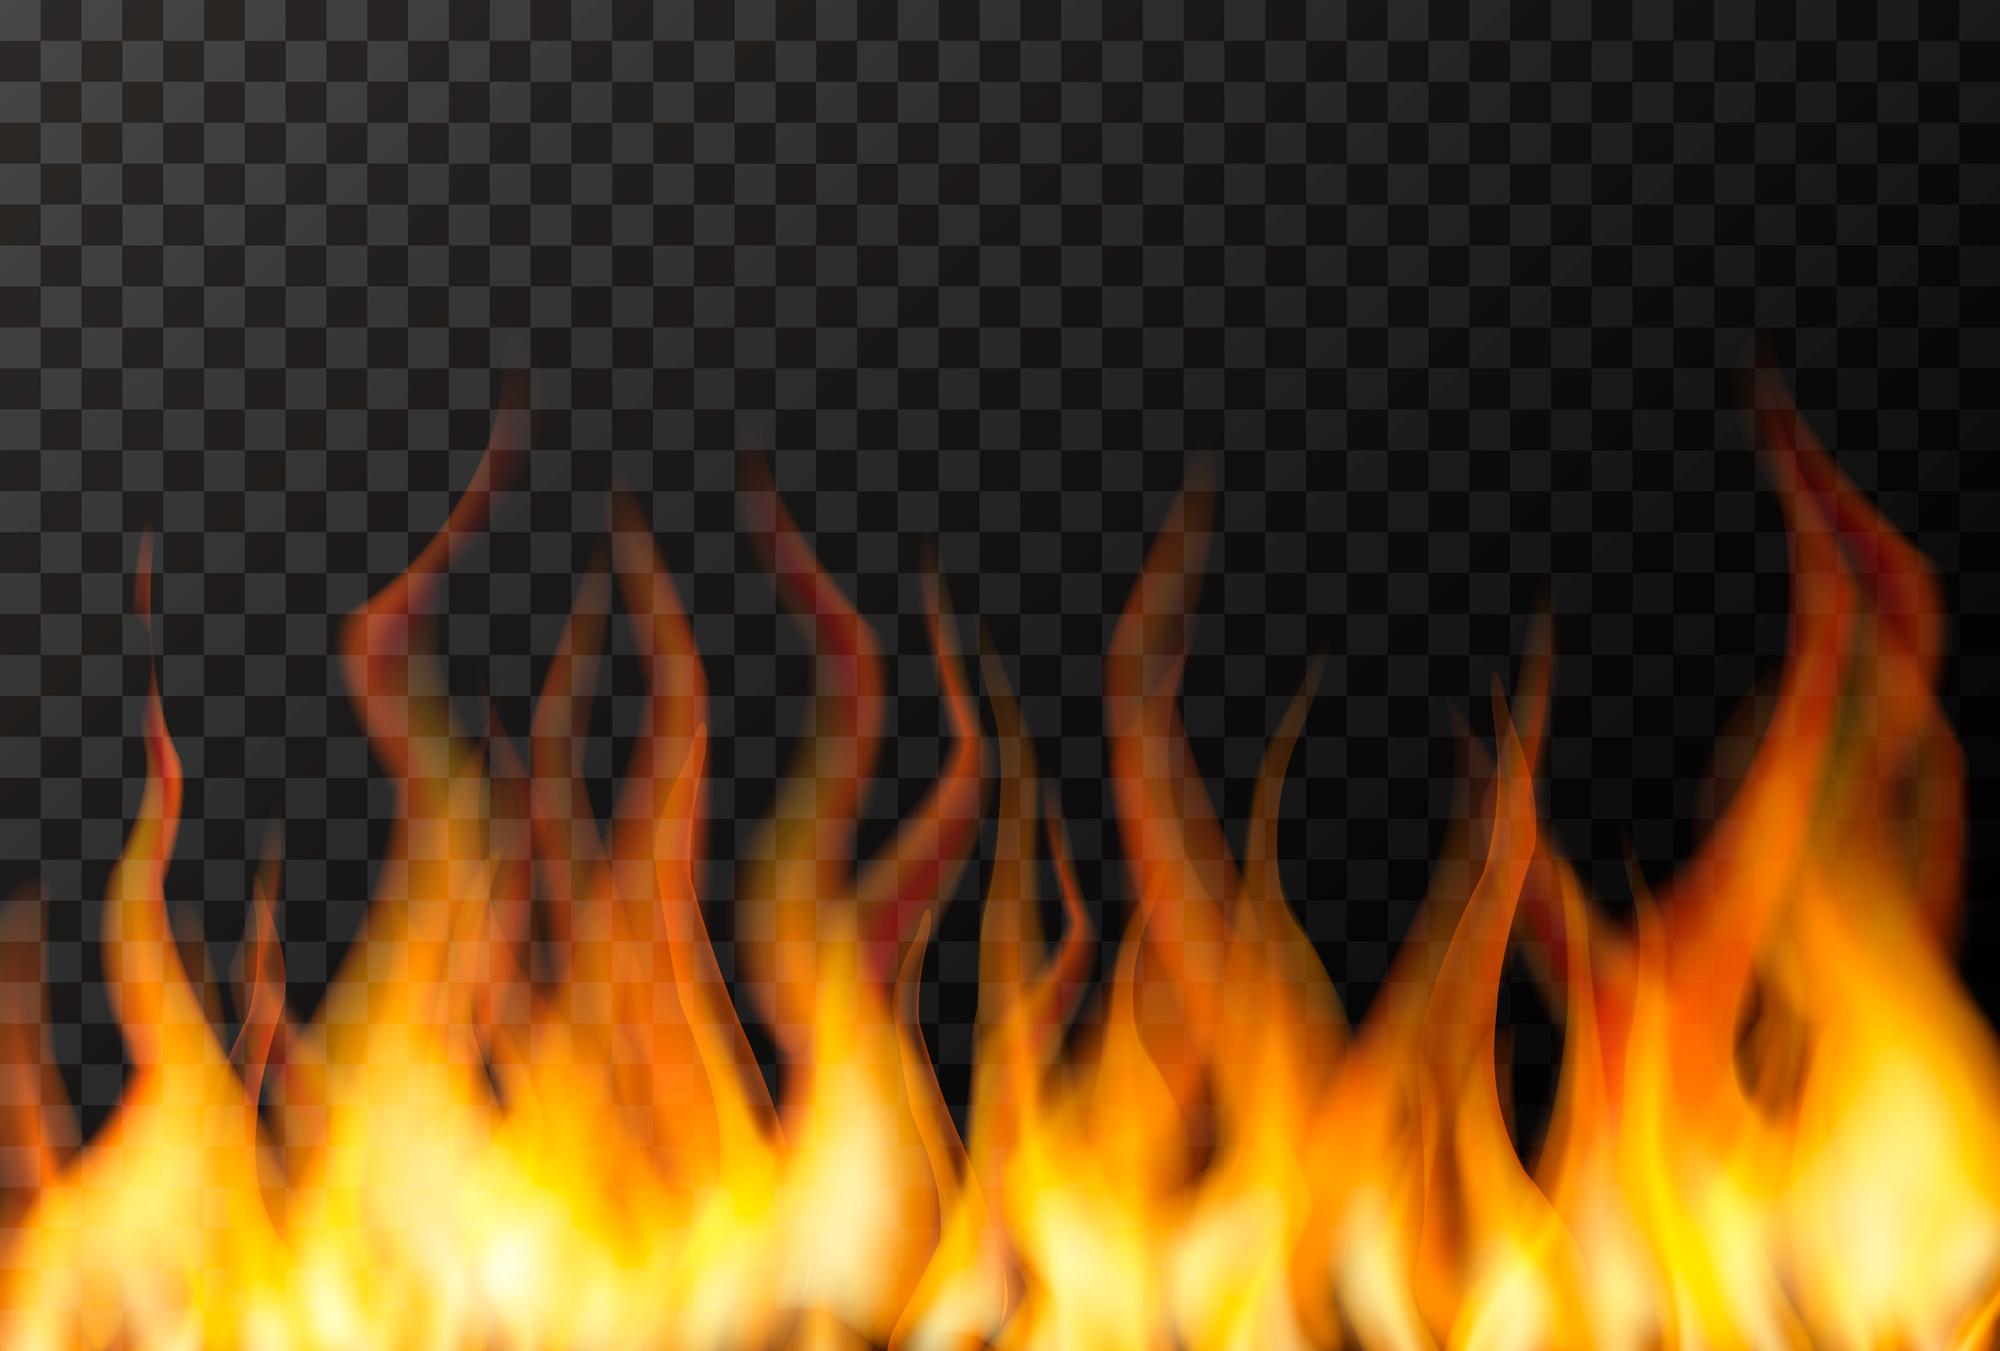 バカッターの炎上と犯人特定